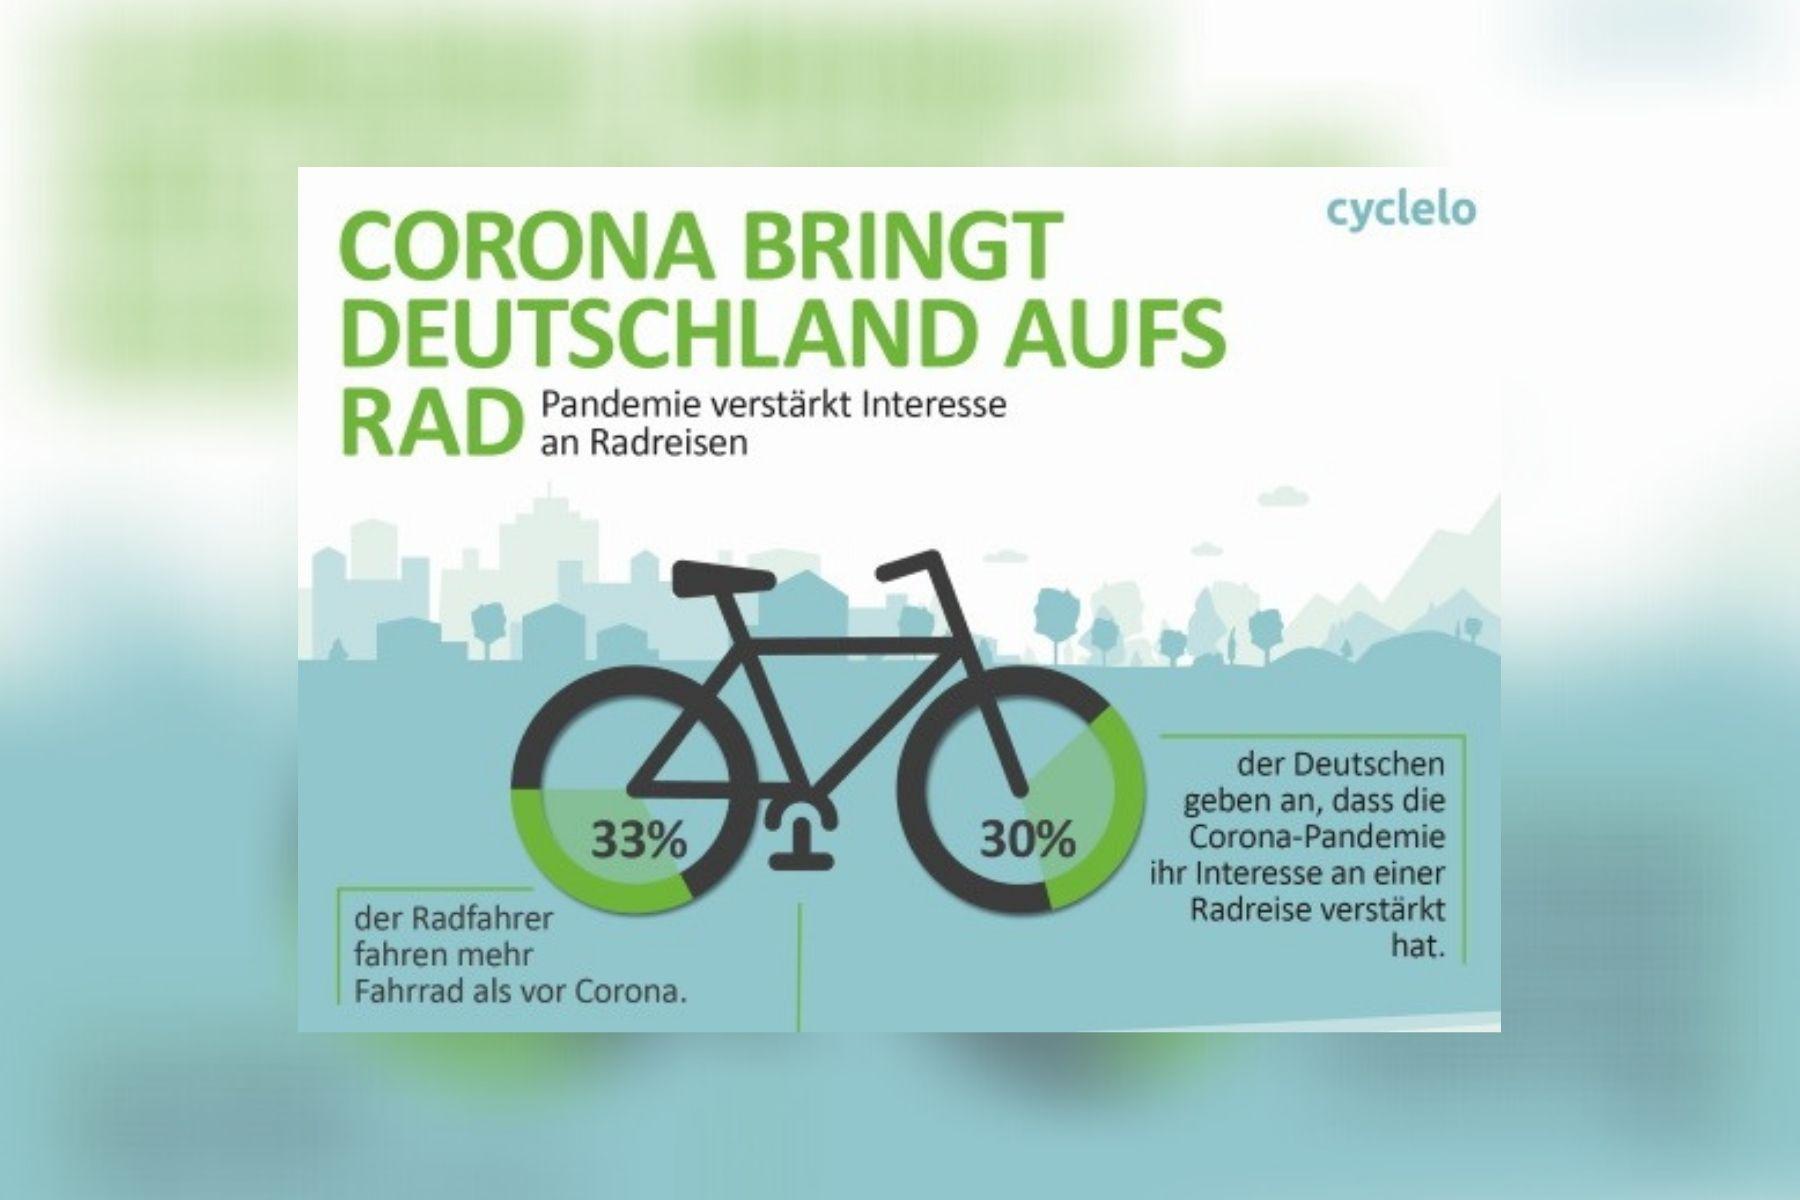 Umfrage: Corona-Pandemie verstärkt Interesse an Radreisen